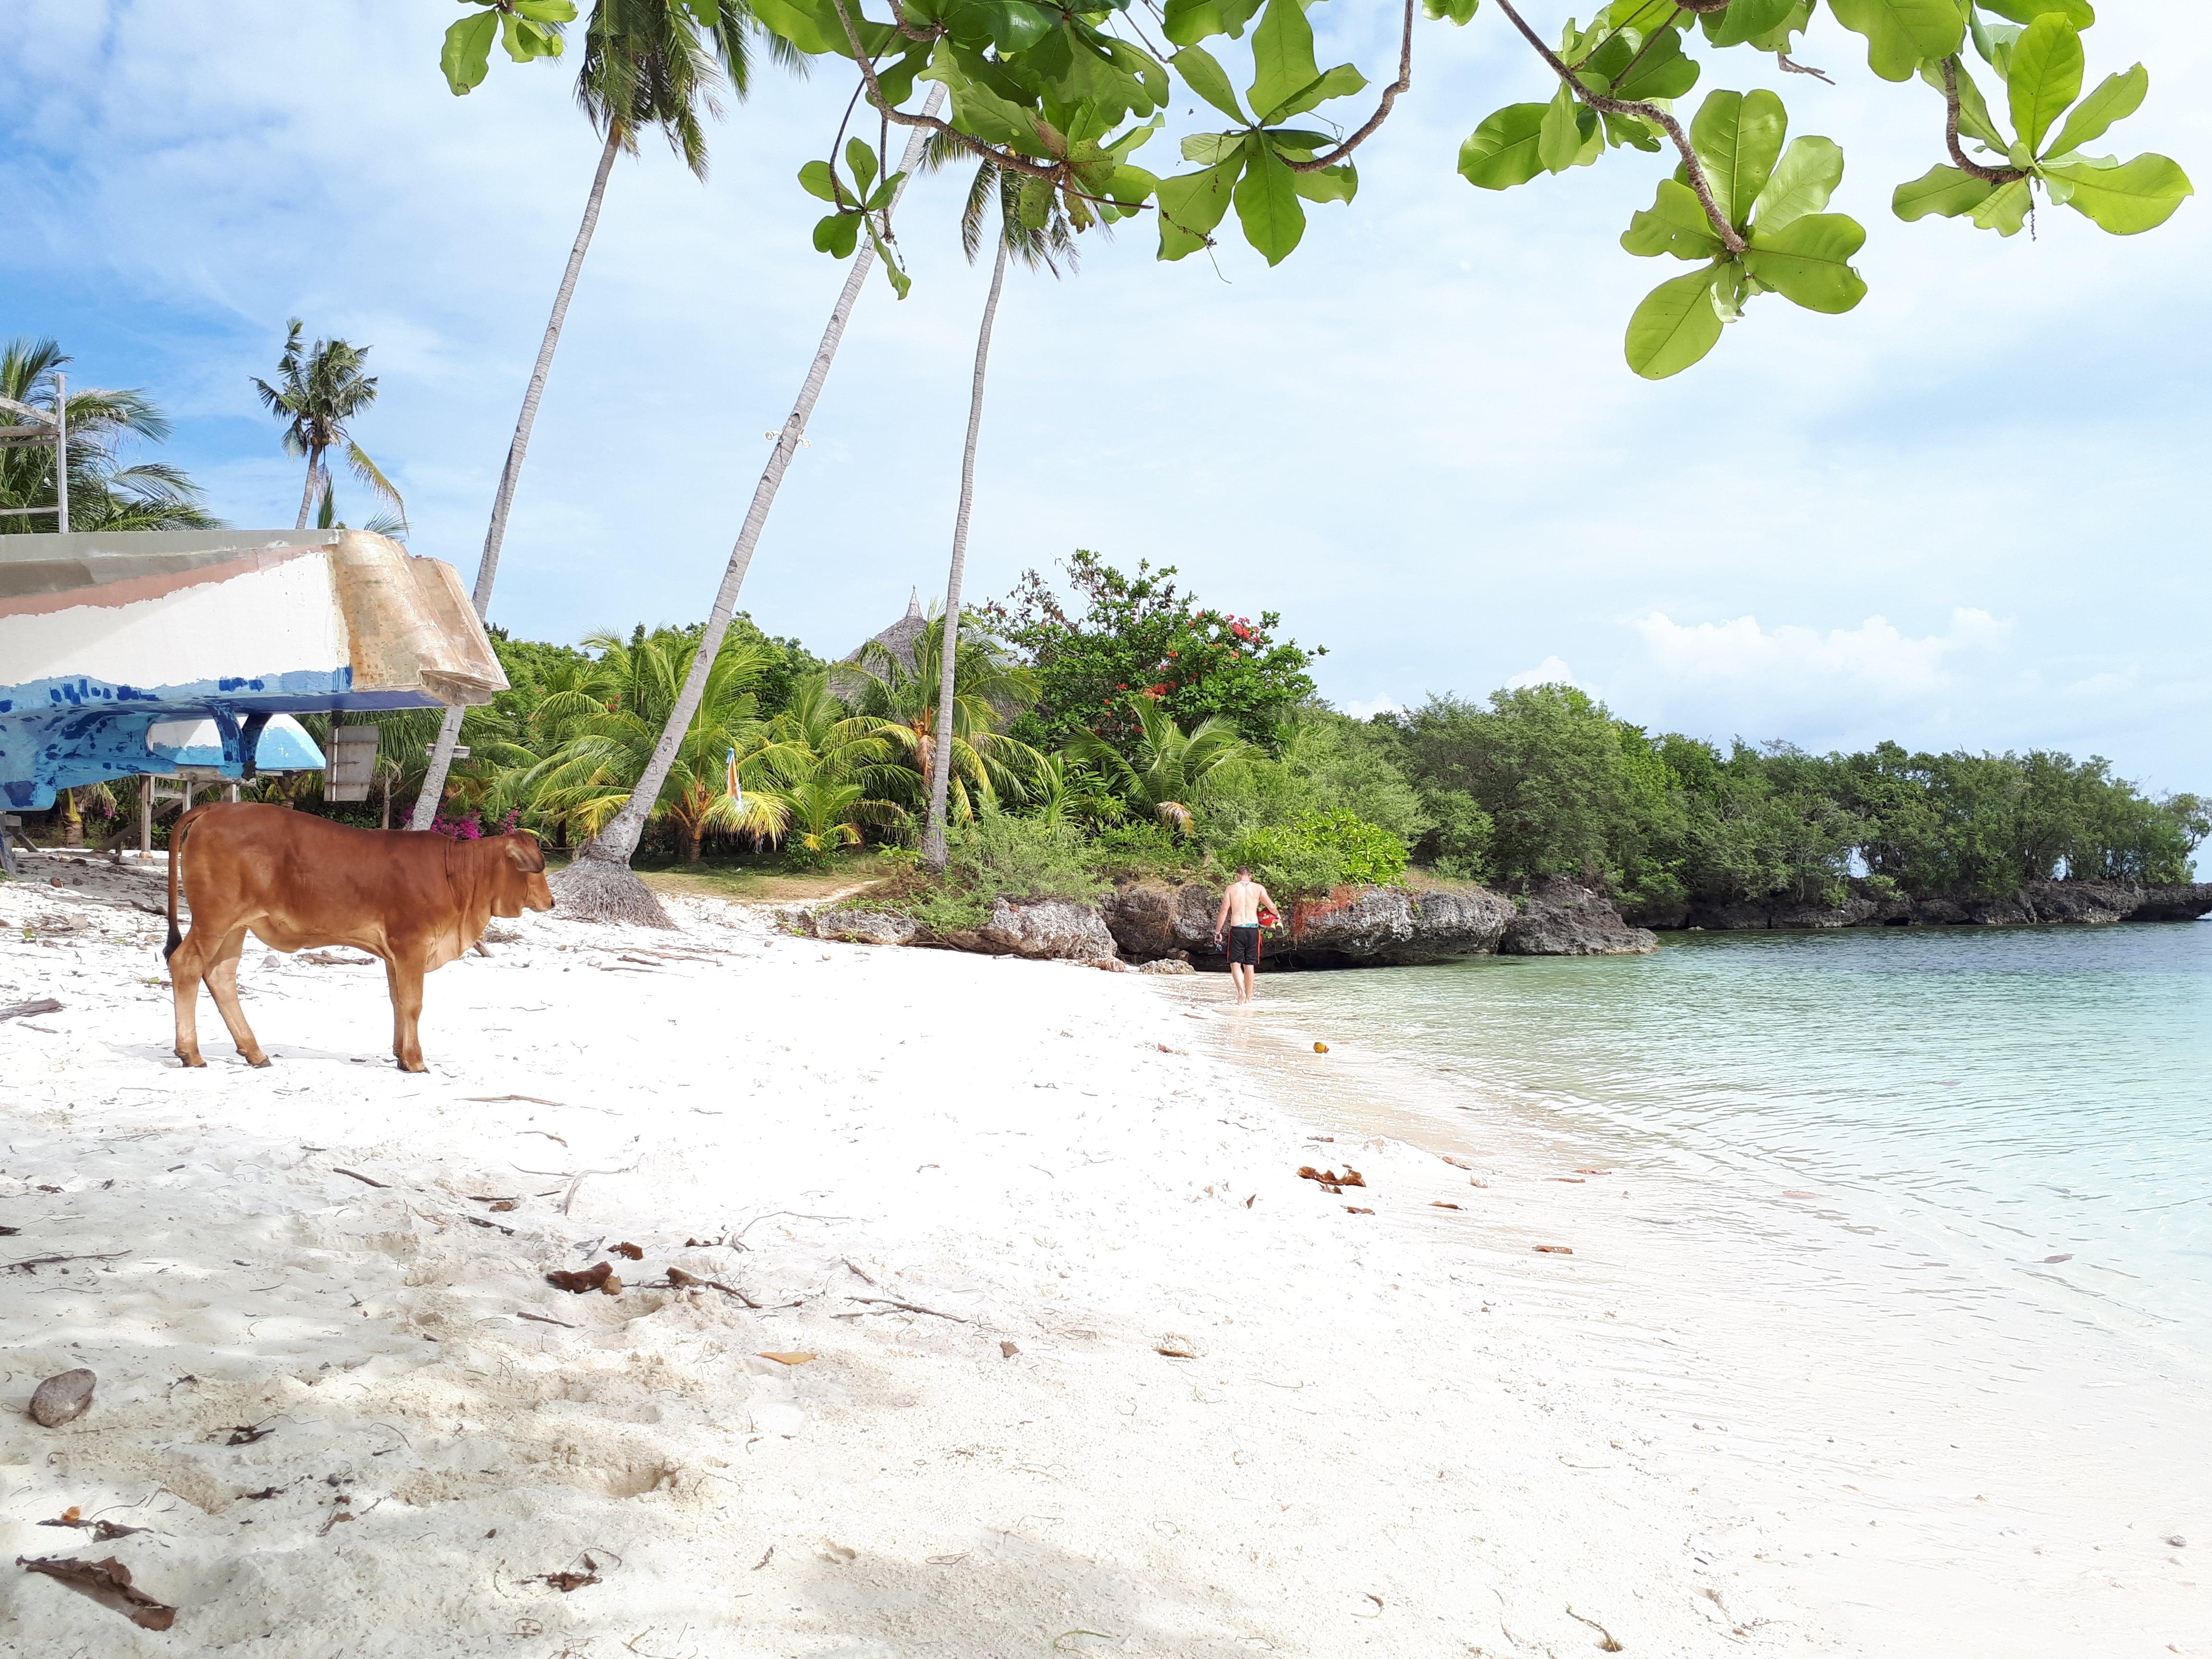 Une vache s'invite sur la plage de Paliton à Siquijor aux Philippines